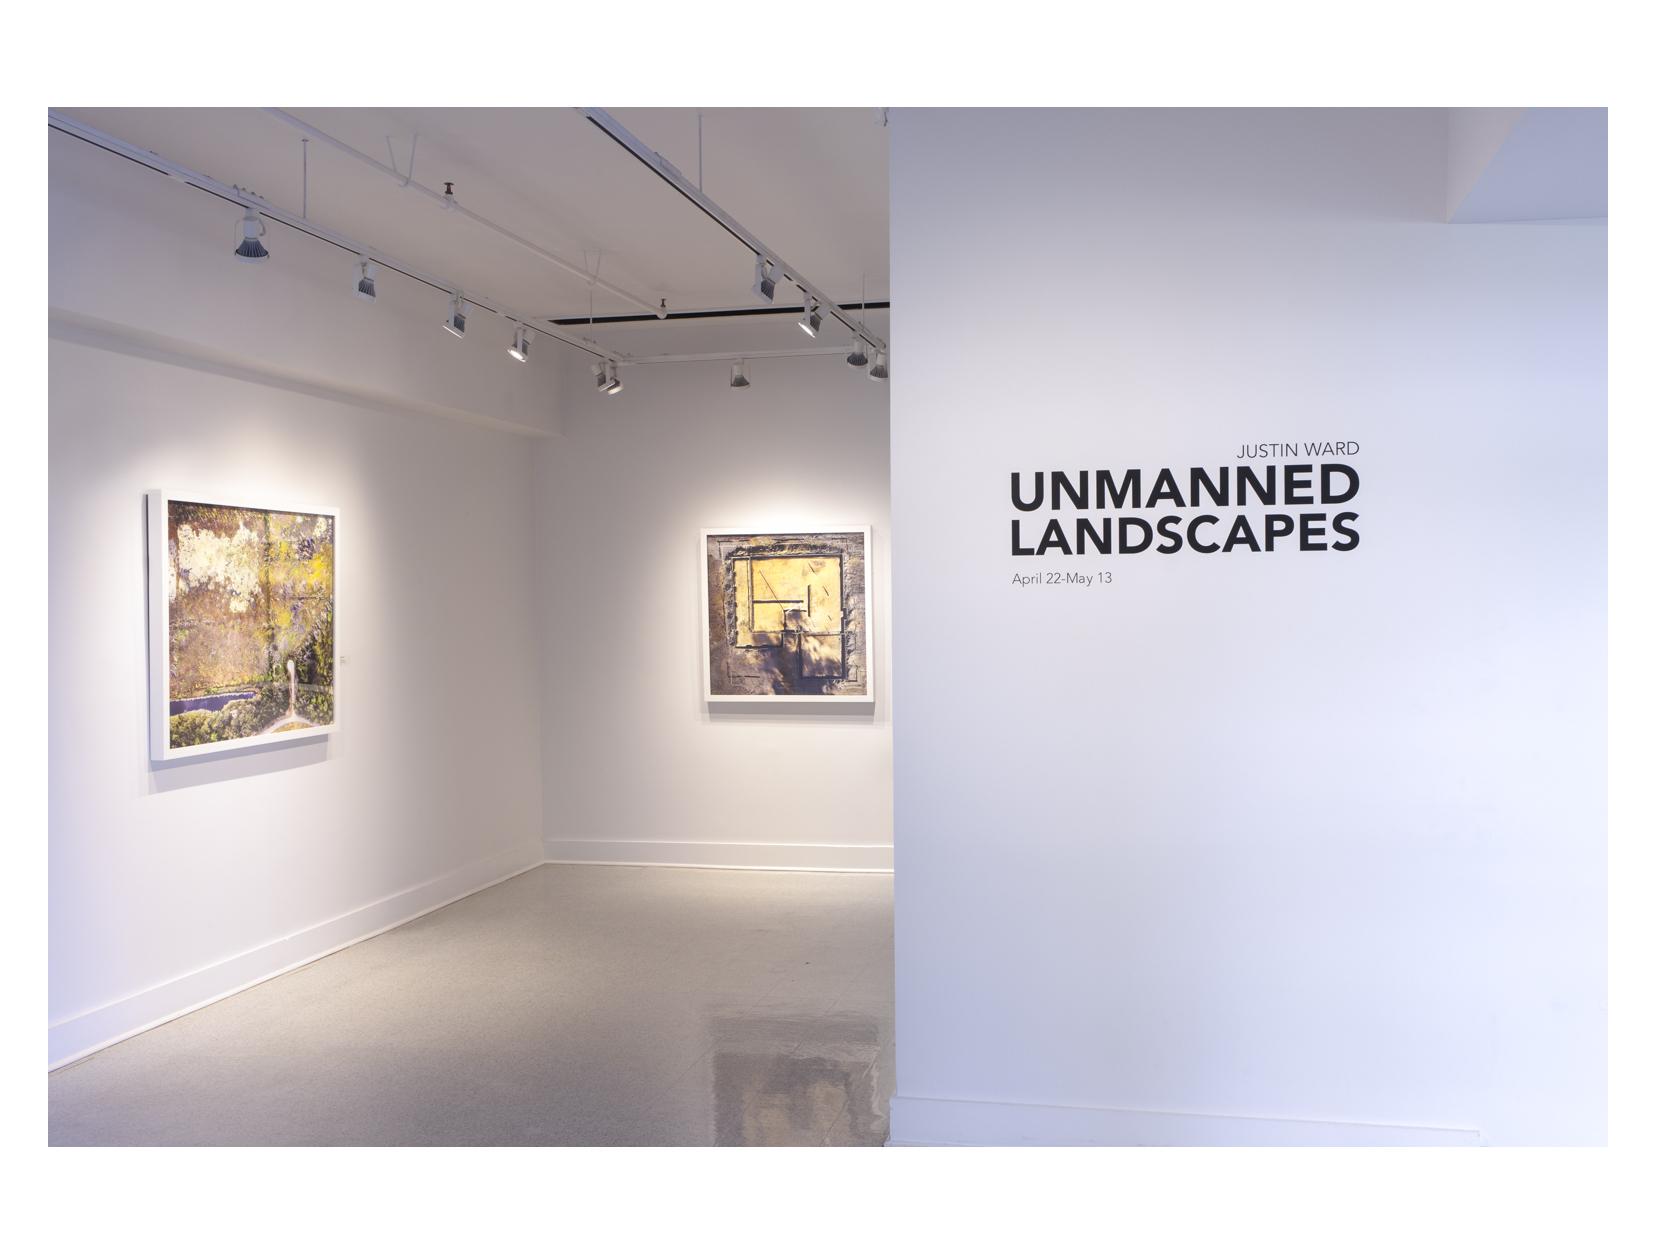 Unmanned Landscapes